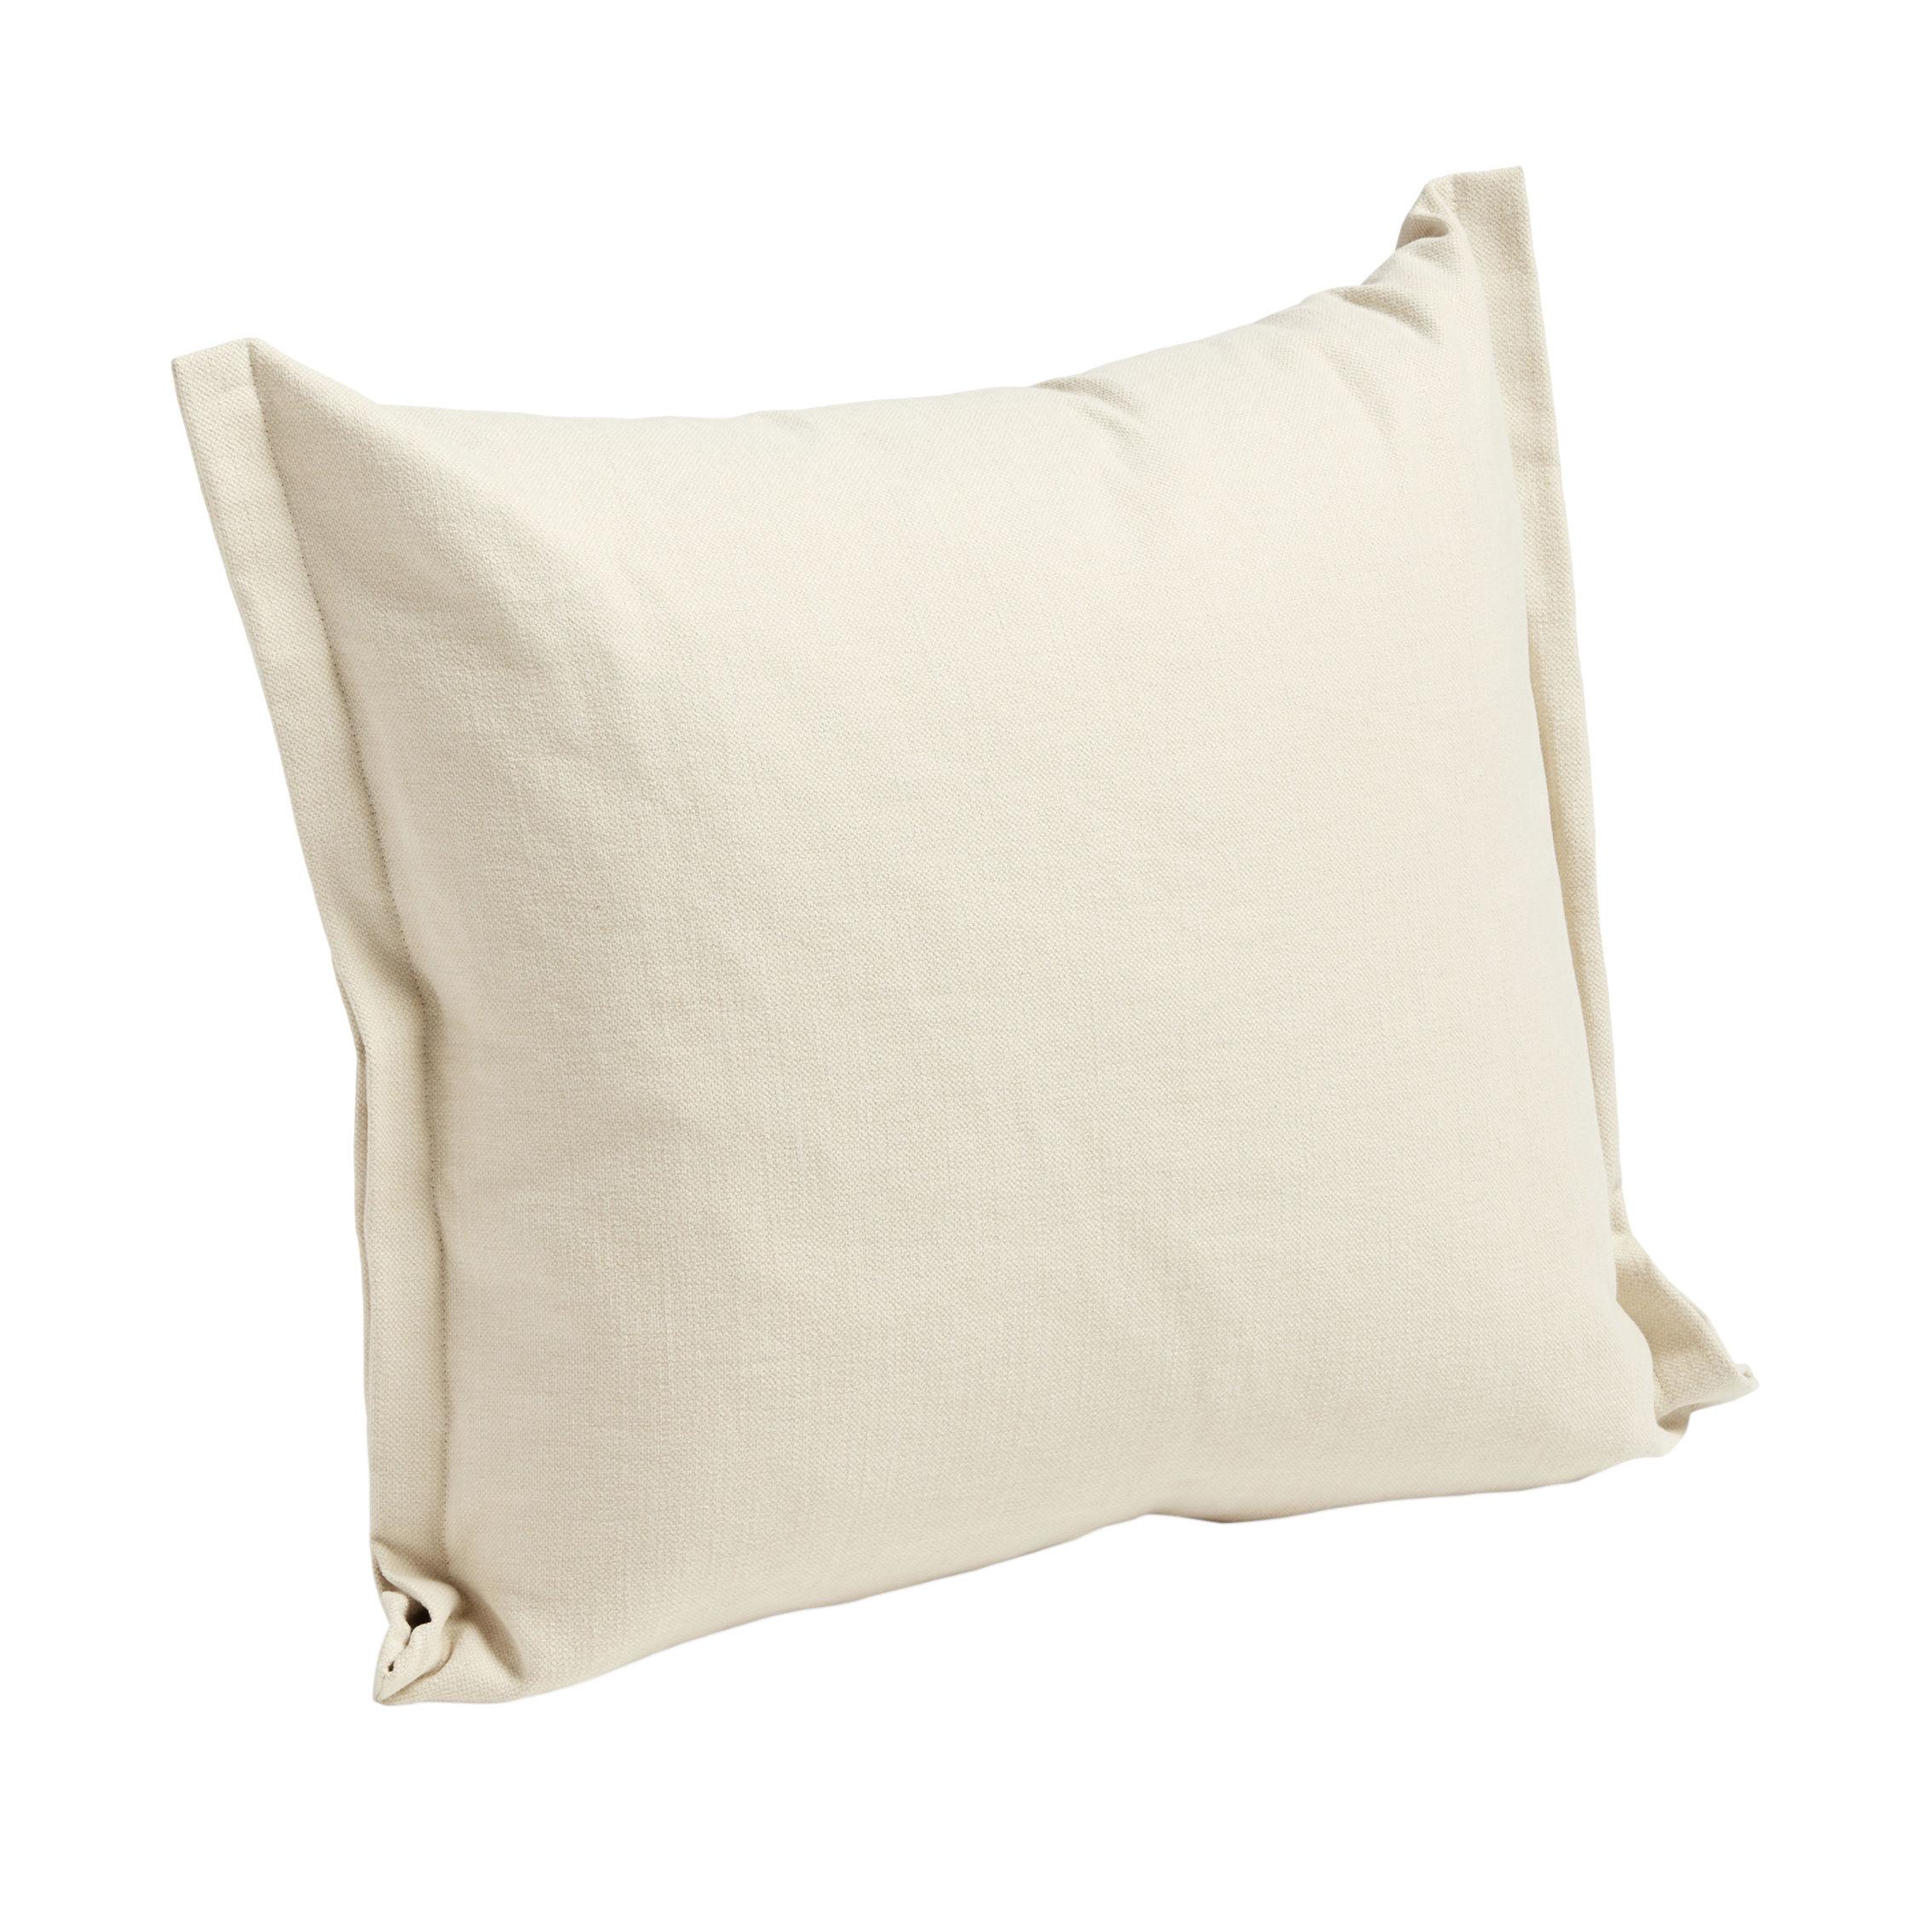 Déco - Coussins - Coussin Plica Tint / 60 x 55 cm - Hay - Crème - Cotton, Lin